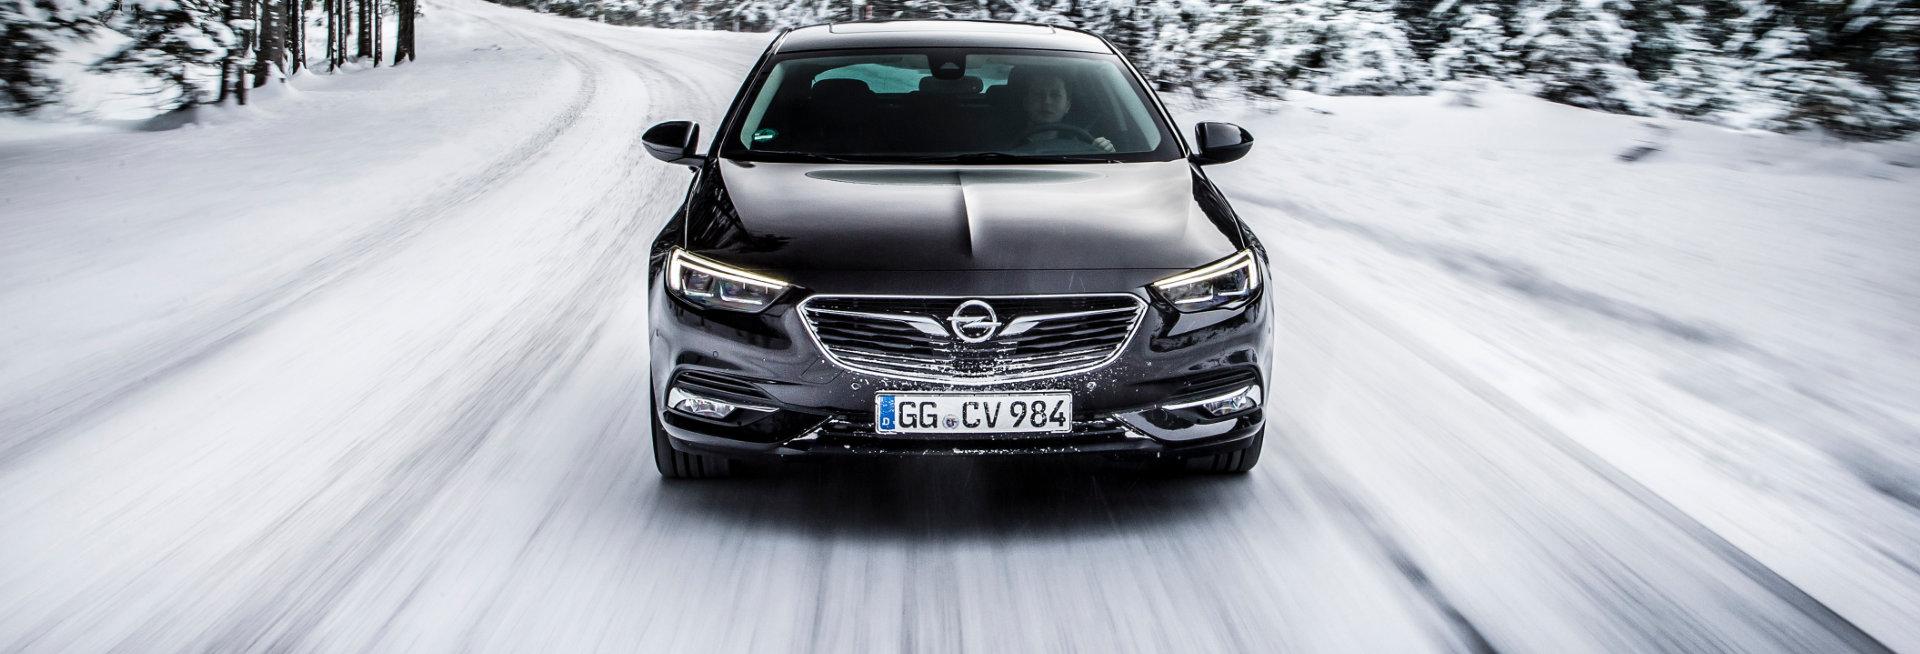 Sneeuwkettingen voor de Opel Insignia